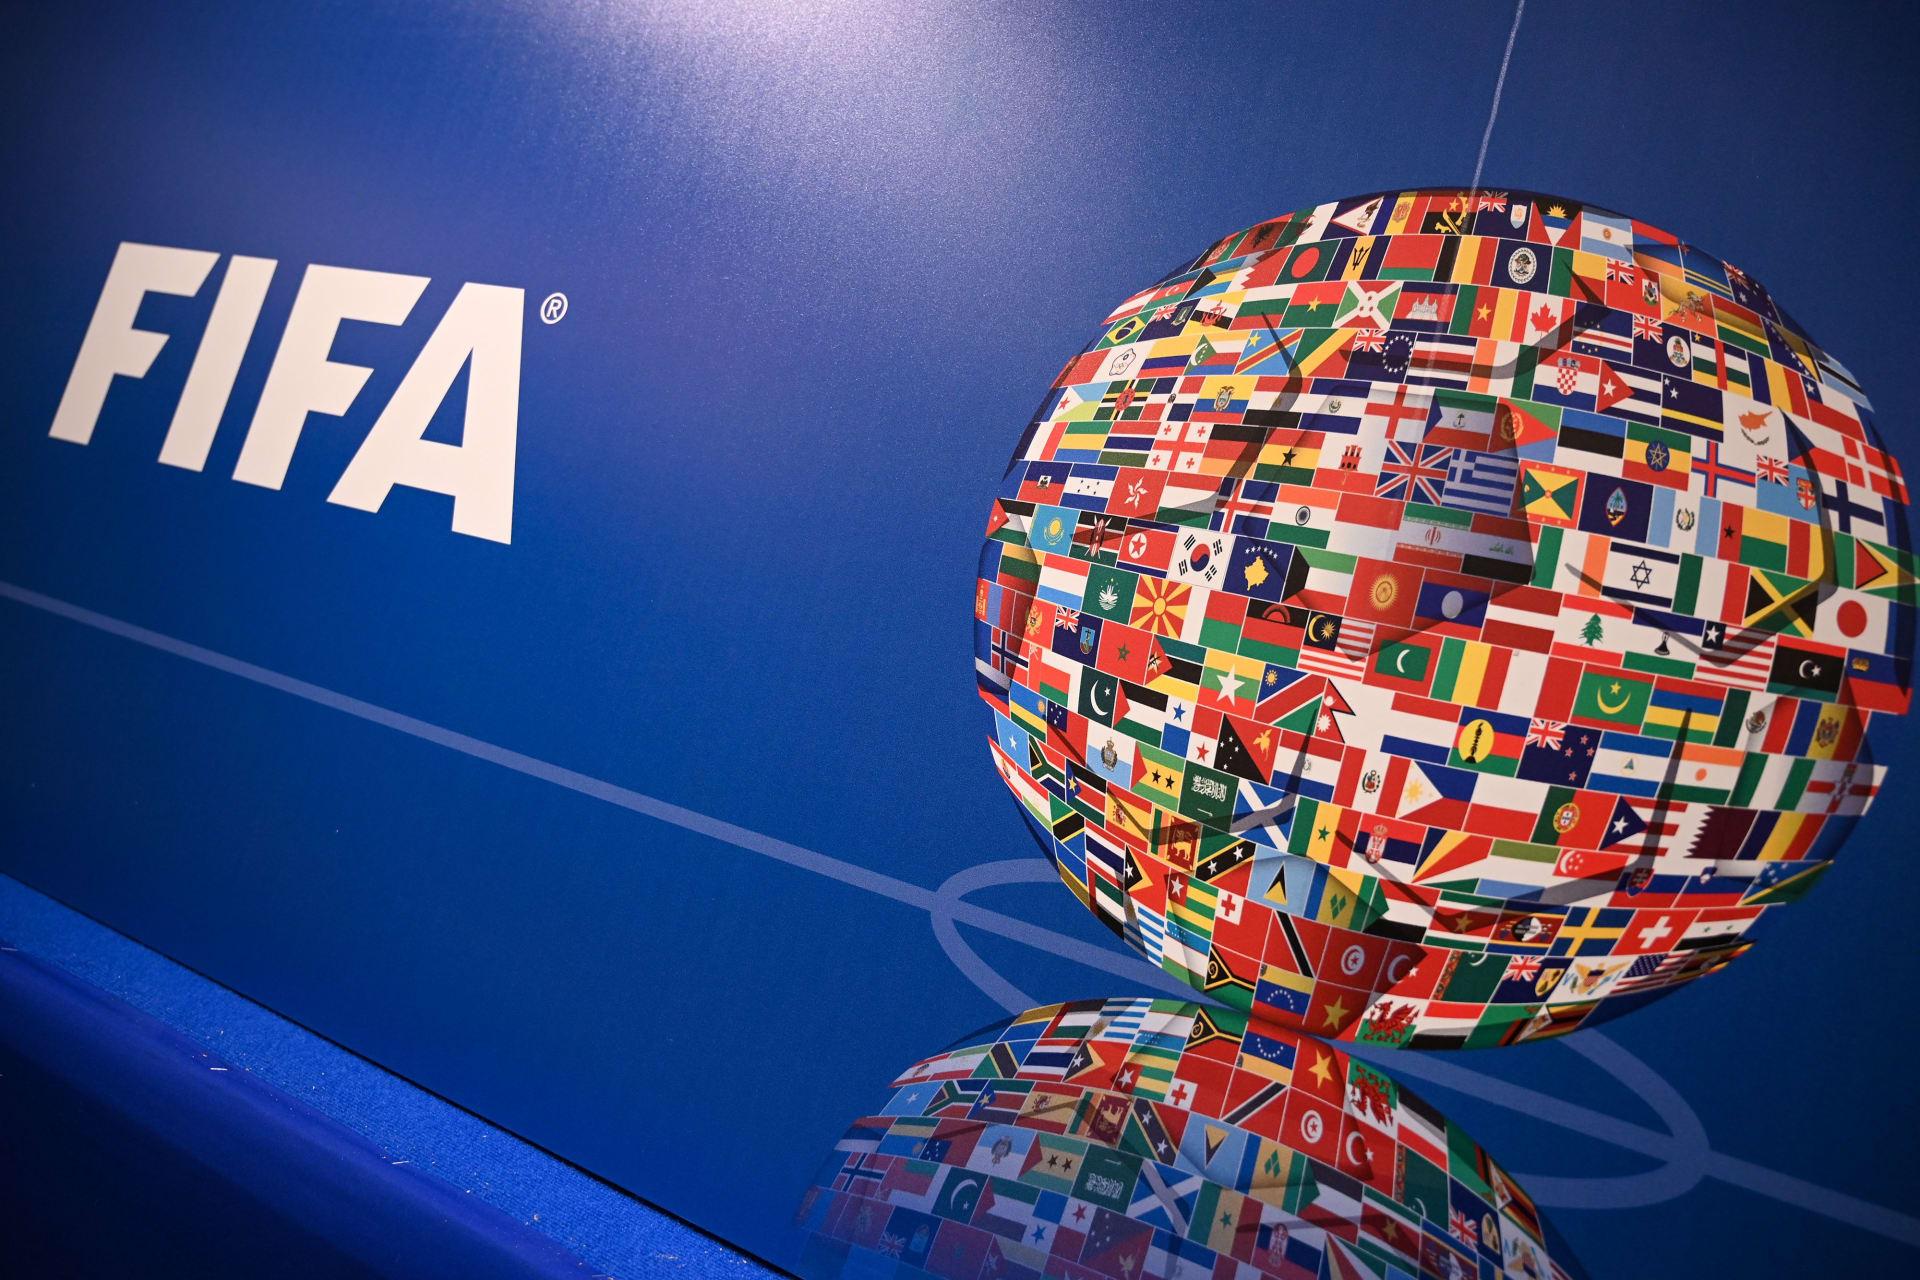 الفيفا يقرر إلغاء نسختي كأس العالم للشباب تحت 20 و17 سنة لعام 2021